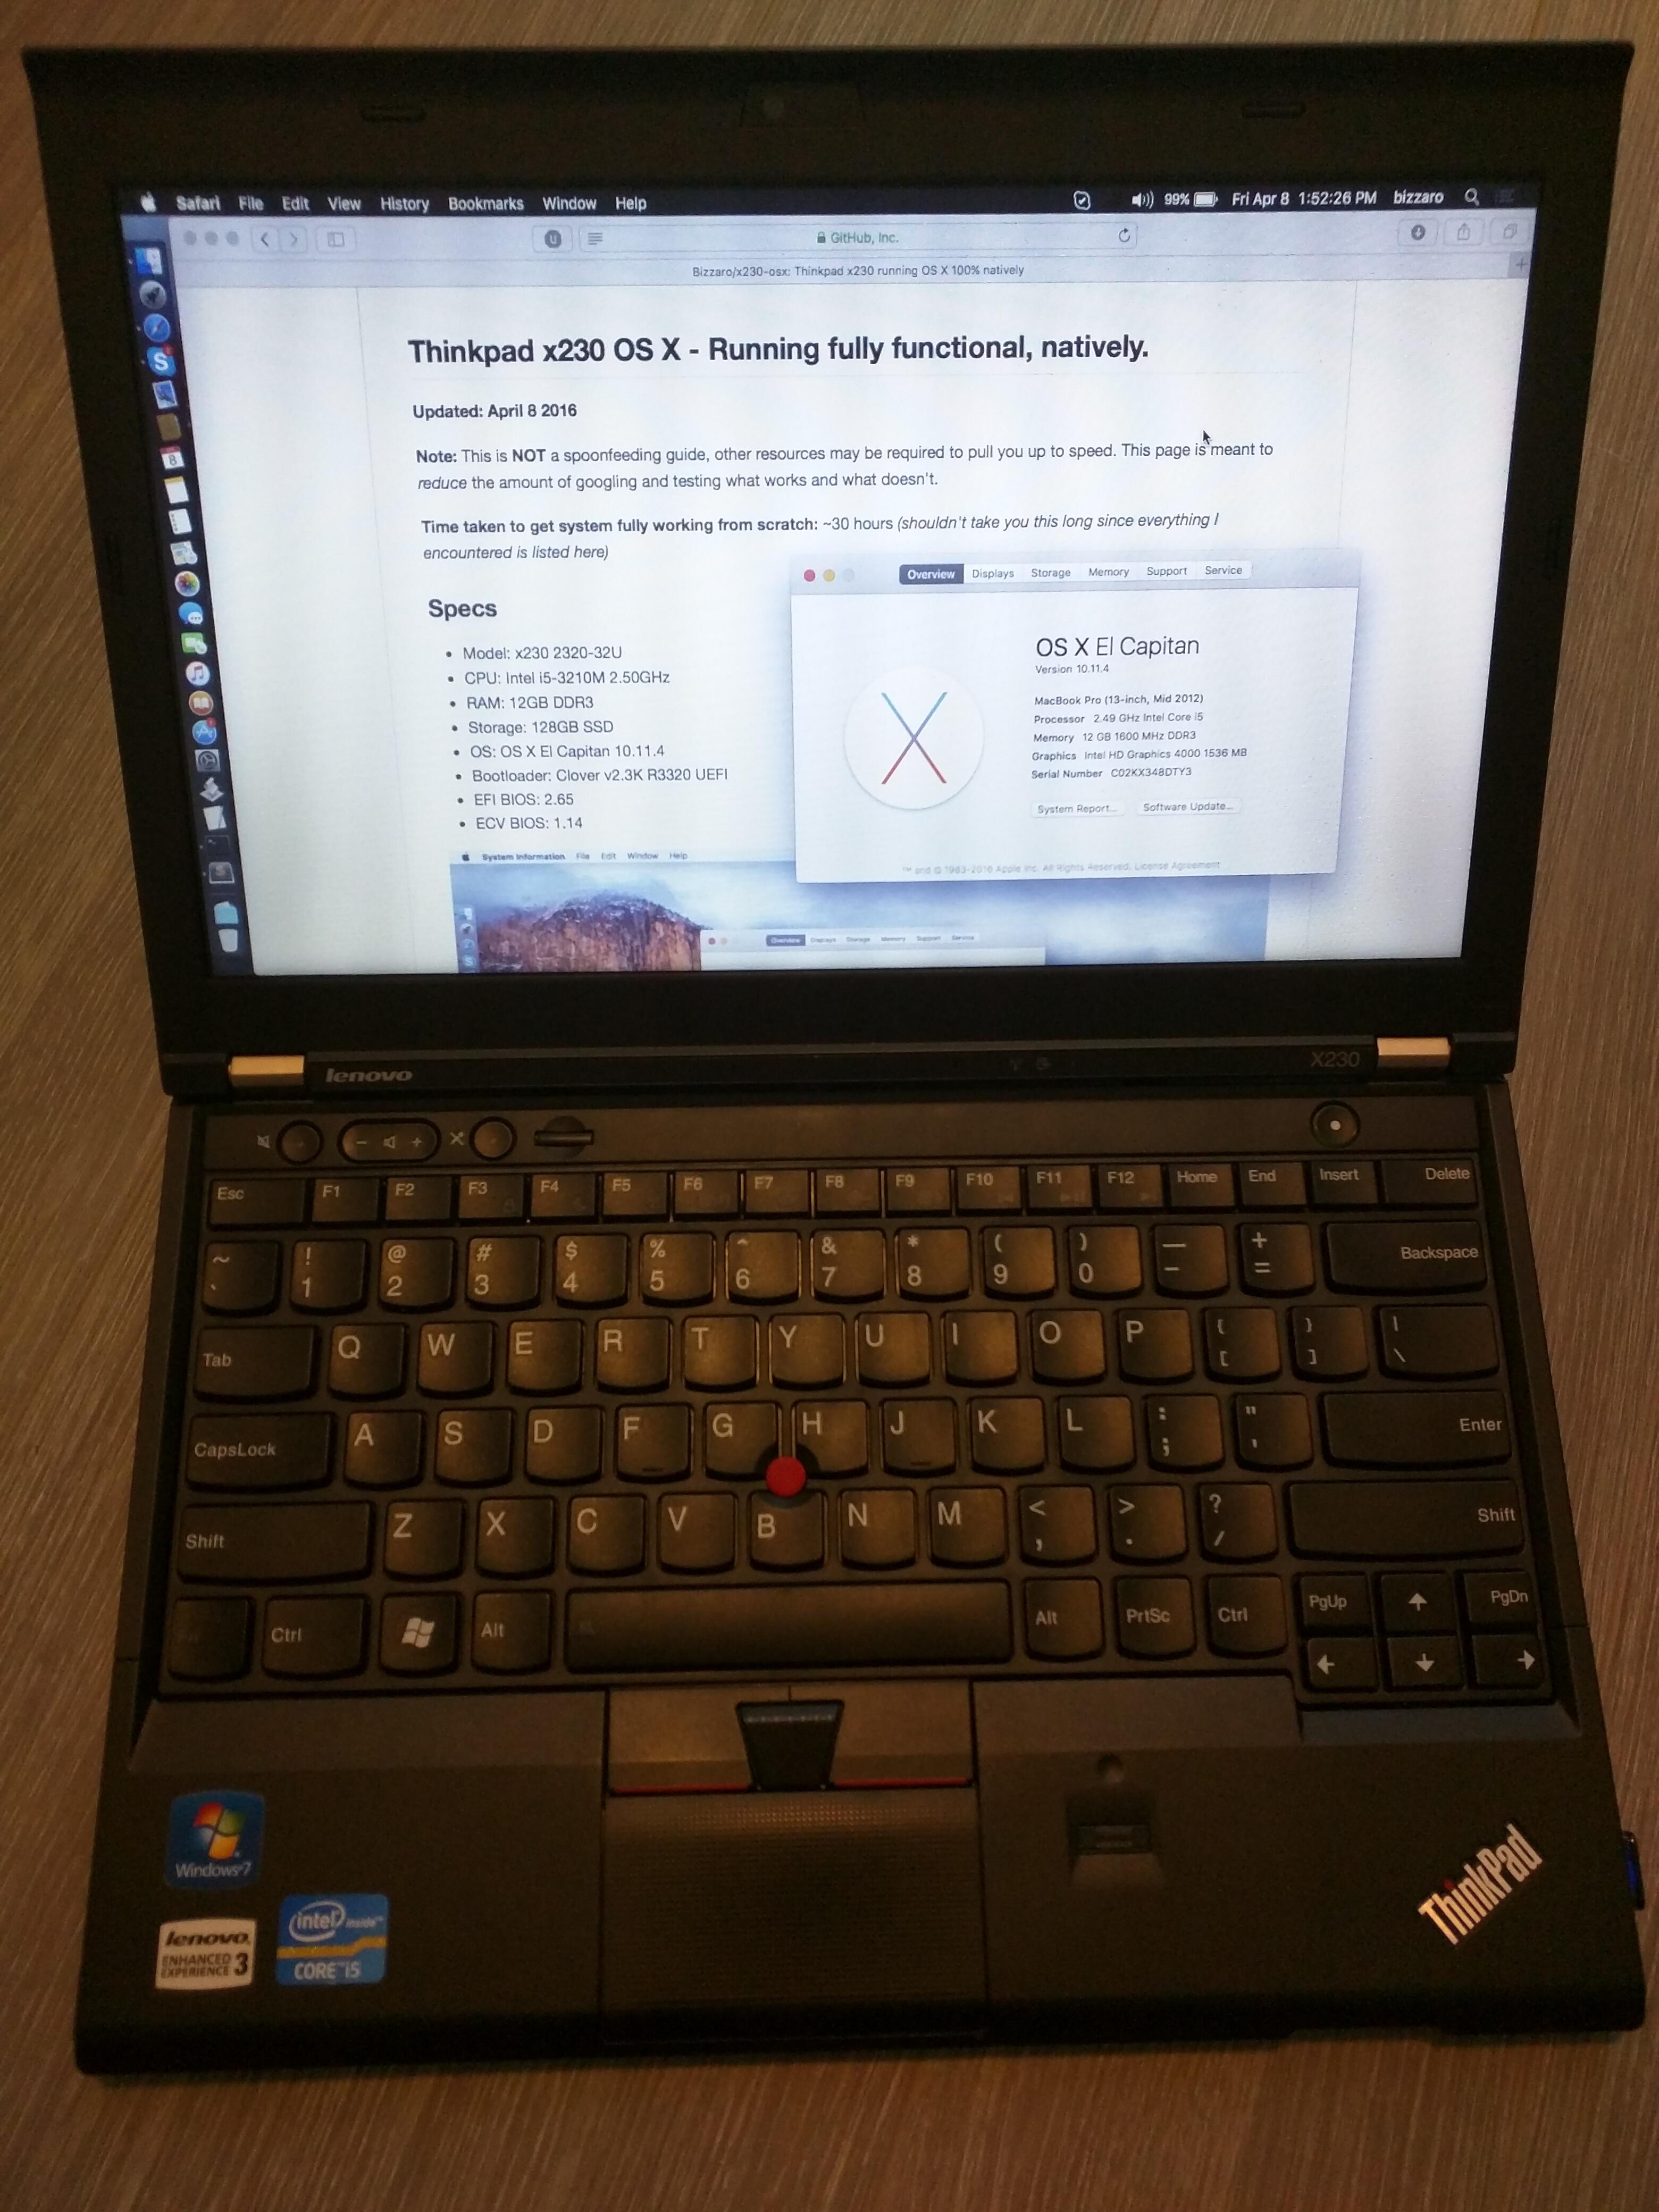 GitHub - Bizzaro/x230-osx: Thinkpad x230 running OS X 100